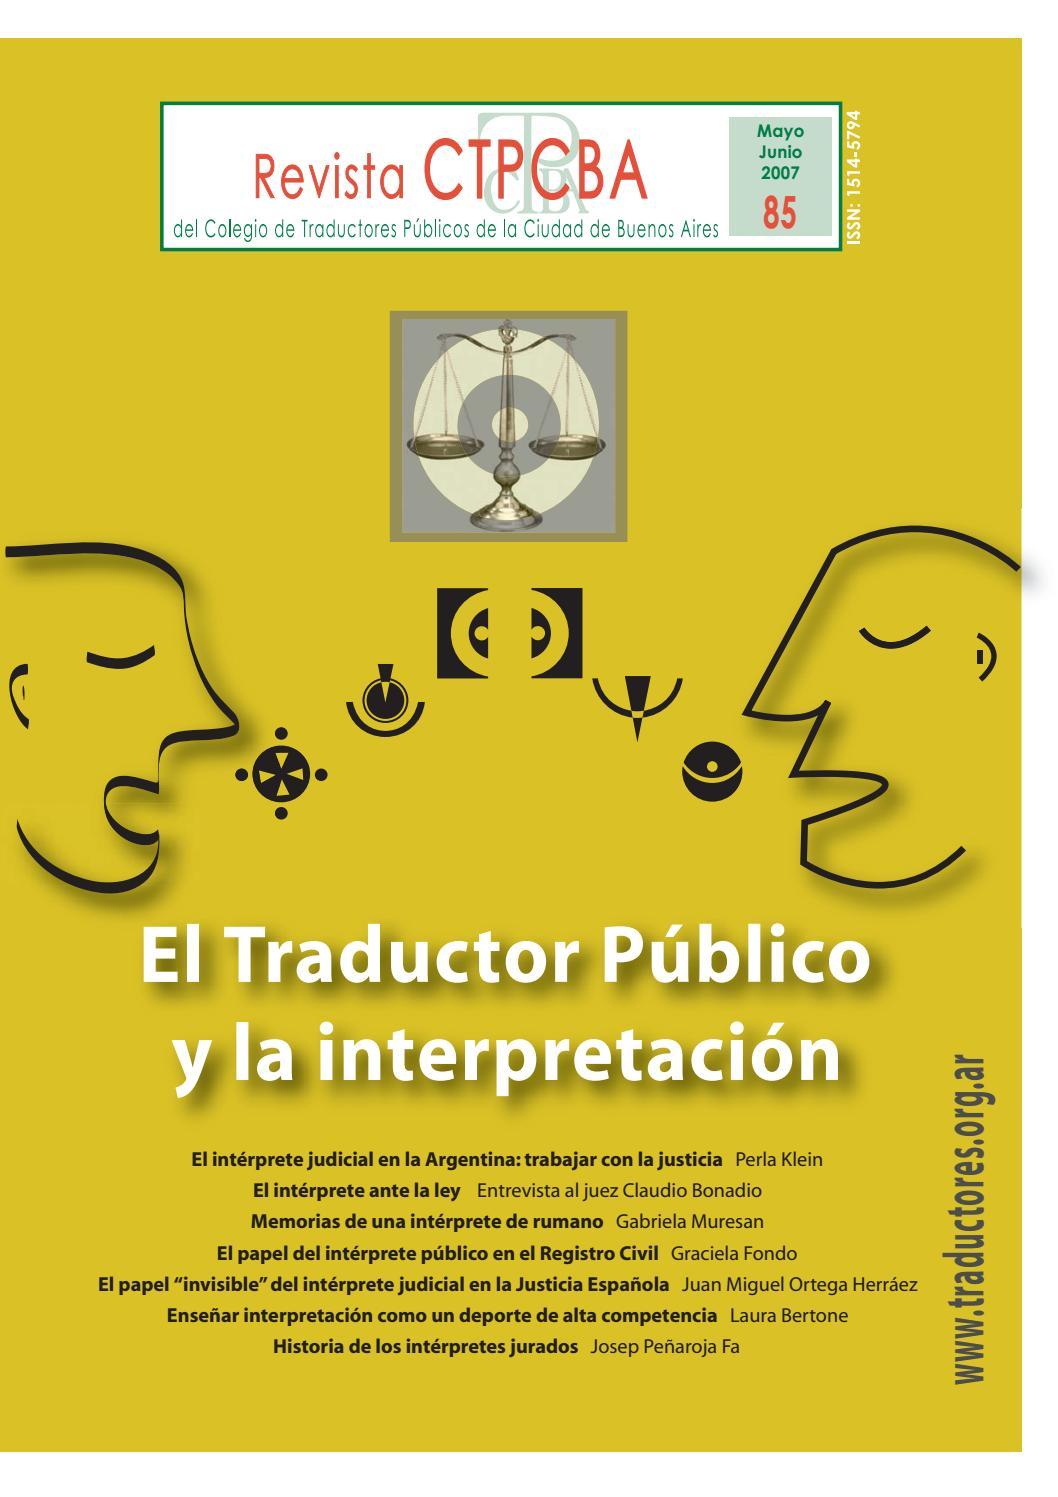 Revista CTPCBA N.º 85 by Colegio de Traductores Públicos de la ...